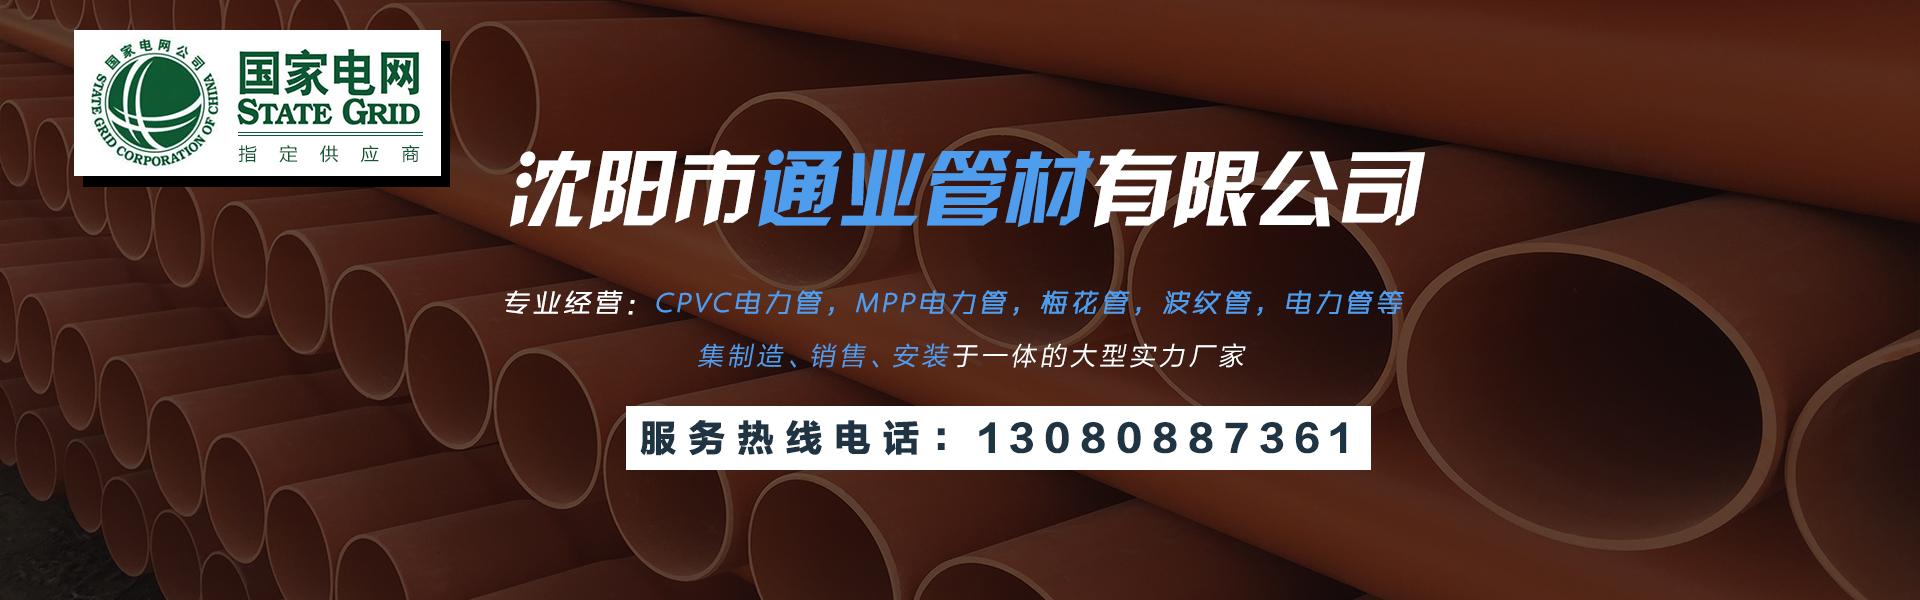 沈阳市通业管材有限公司